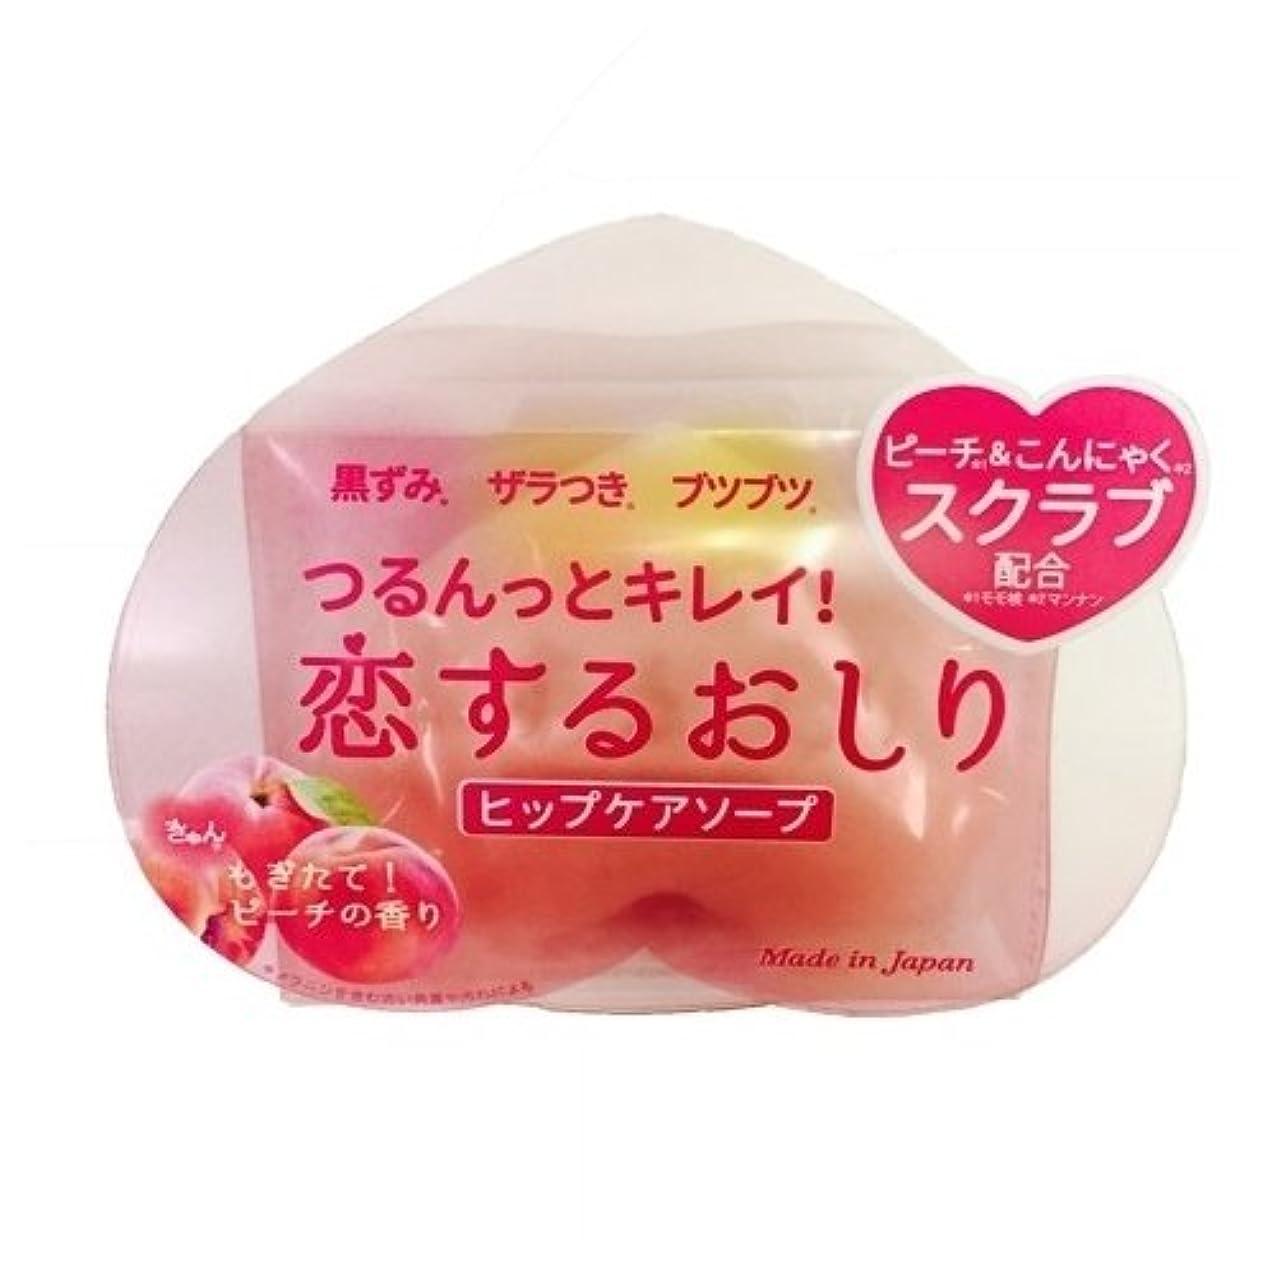 クスコはっきりと原子ペリカン石鹸 恋するおしり ヒップケアソープ 80g